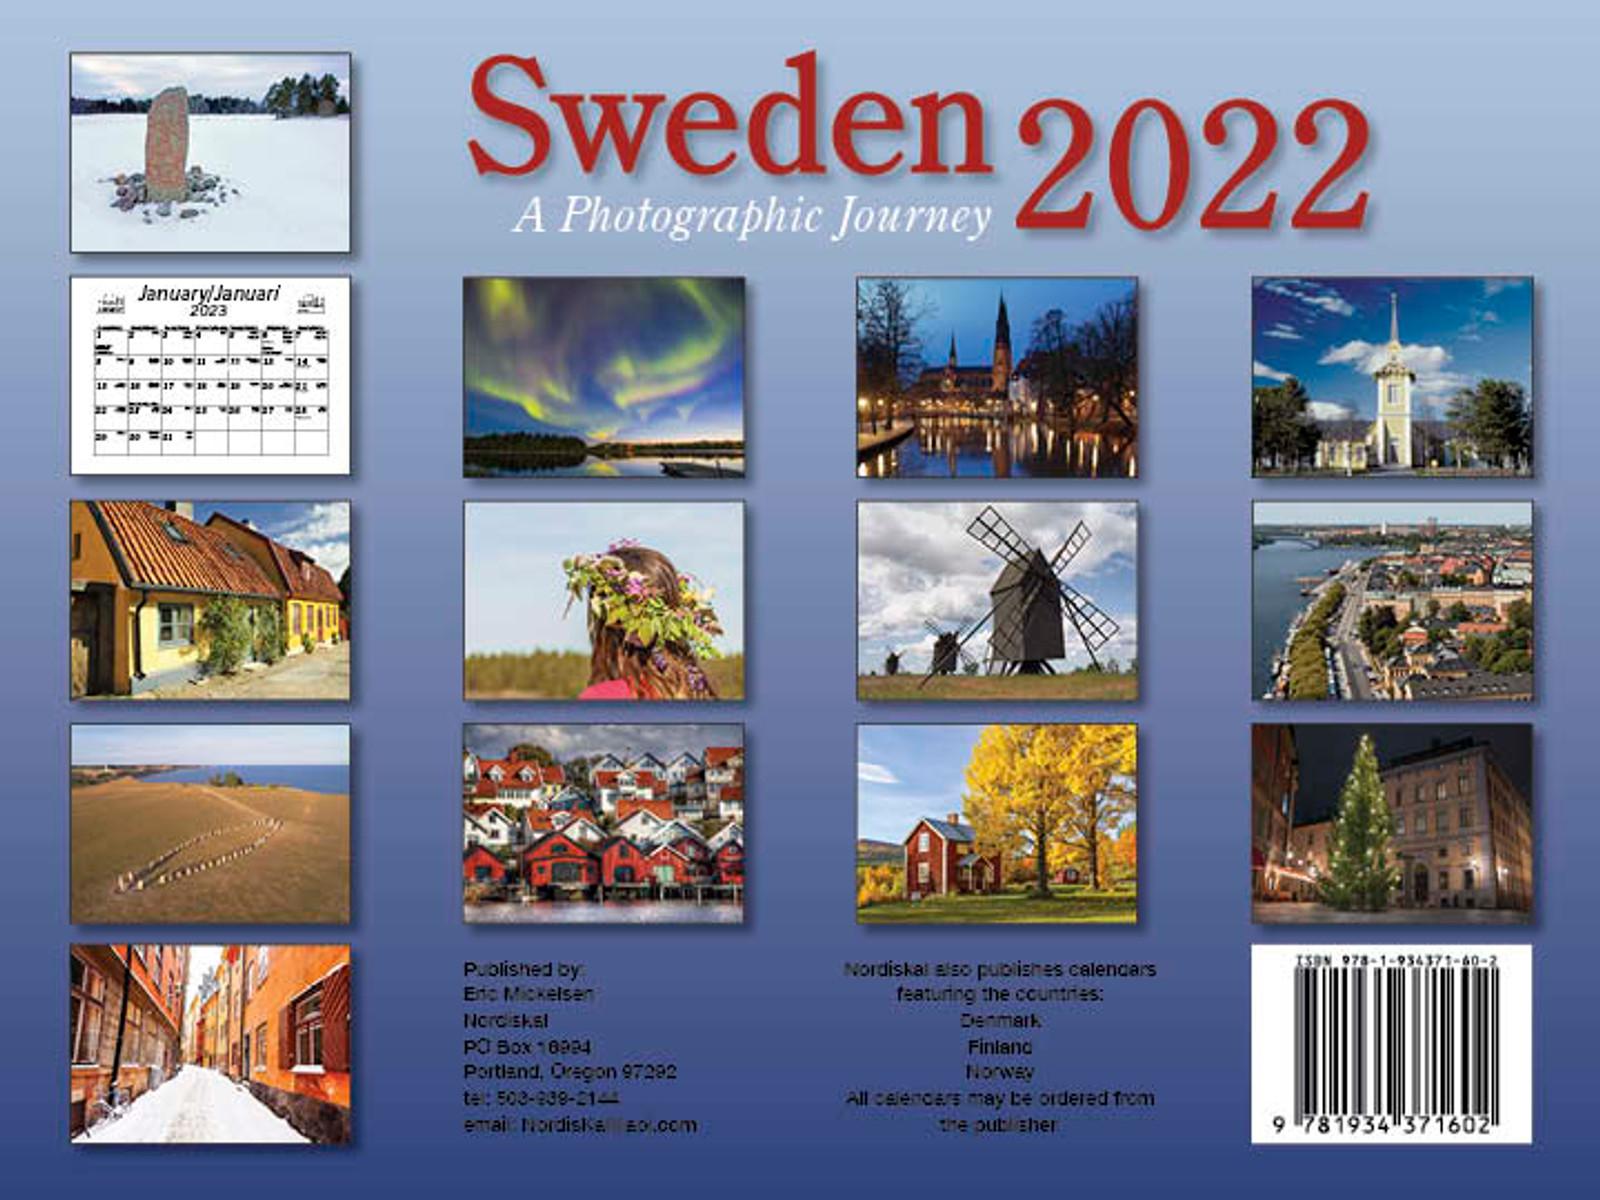 2022 Sweden Calendar in Photographs - Nordiskal